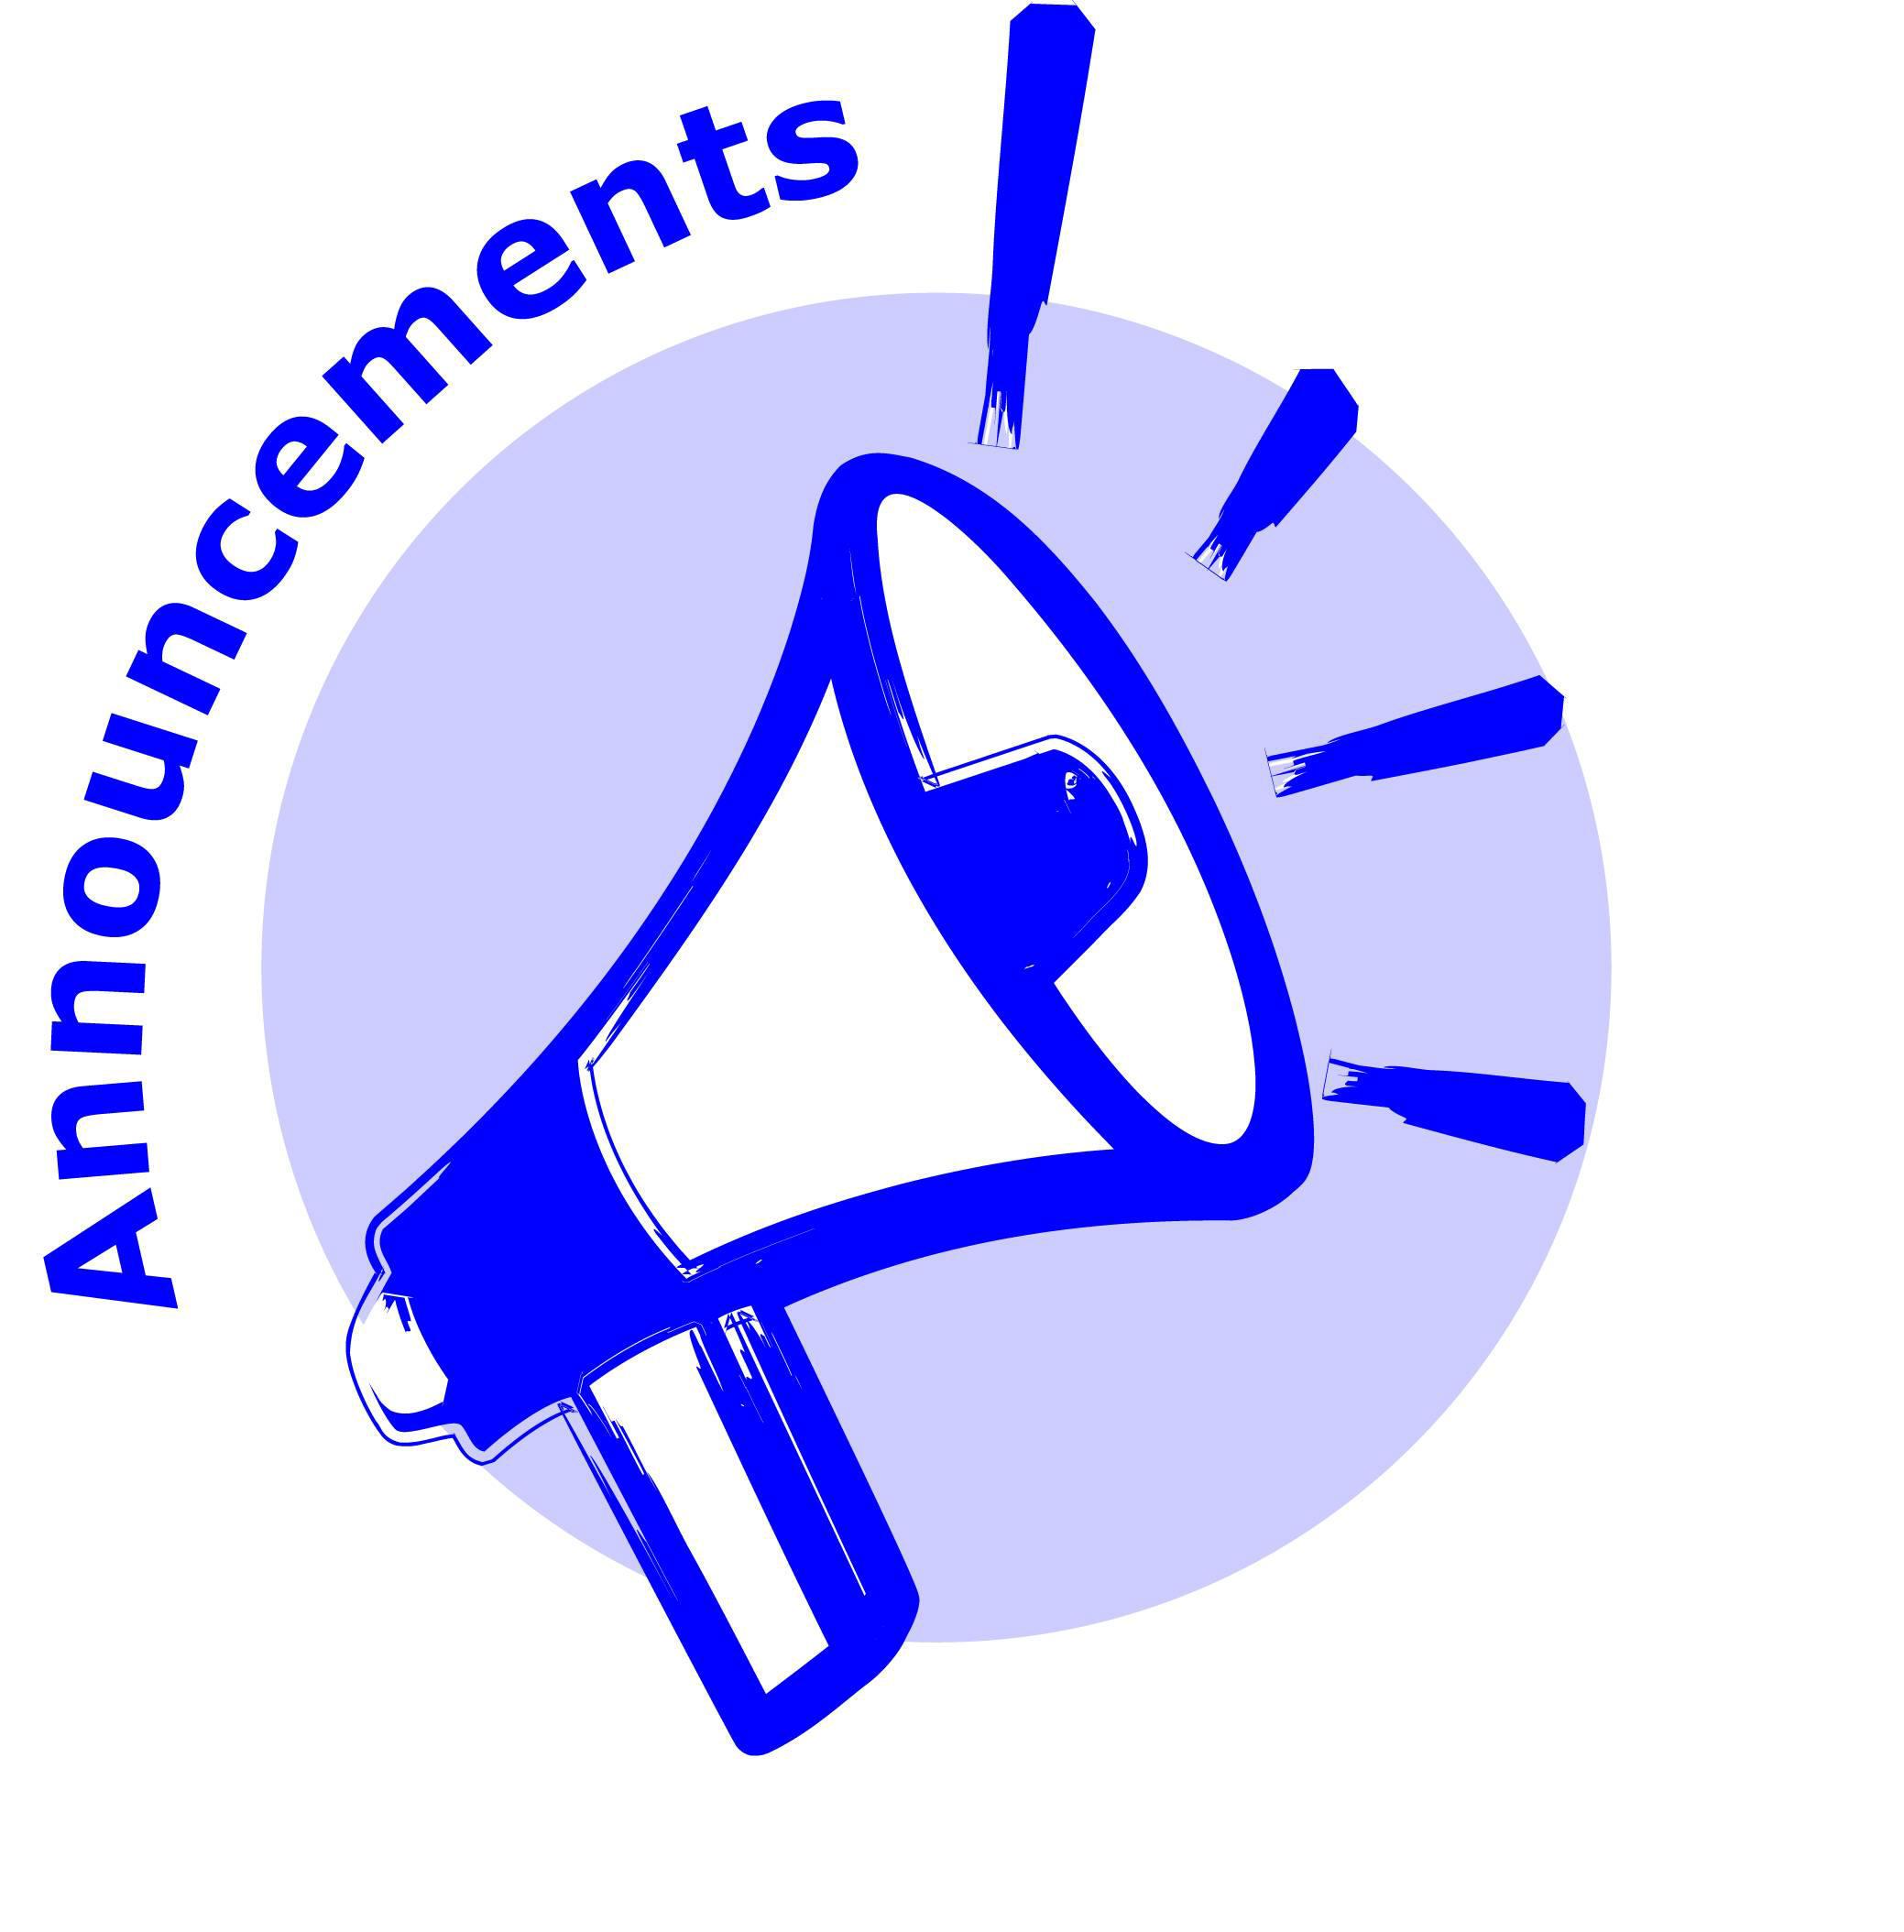 Announcement clipart icon, Announcement icon Transparent.